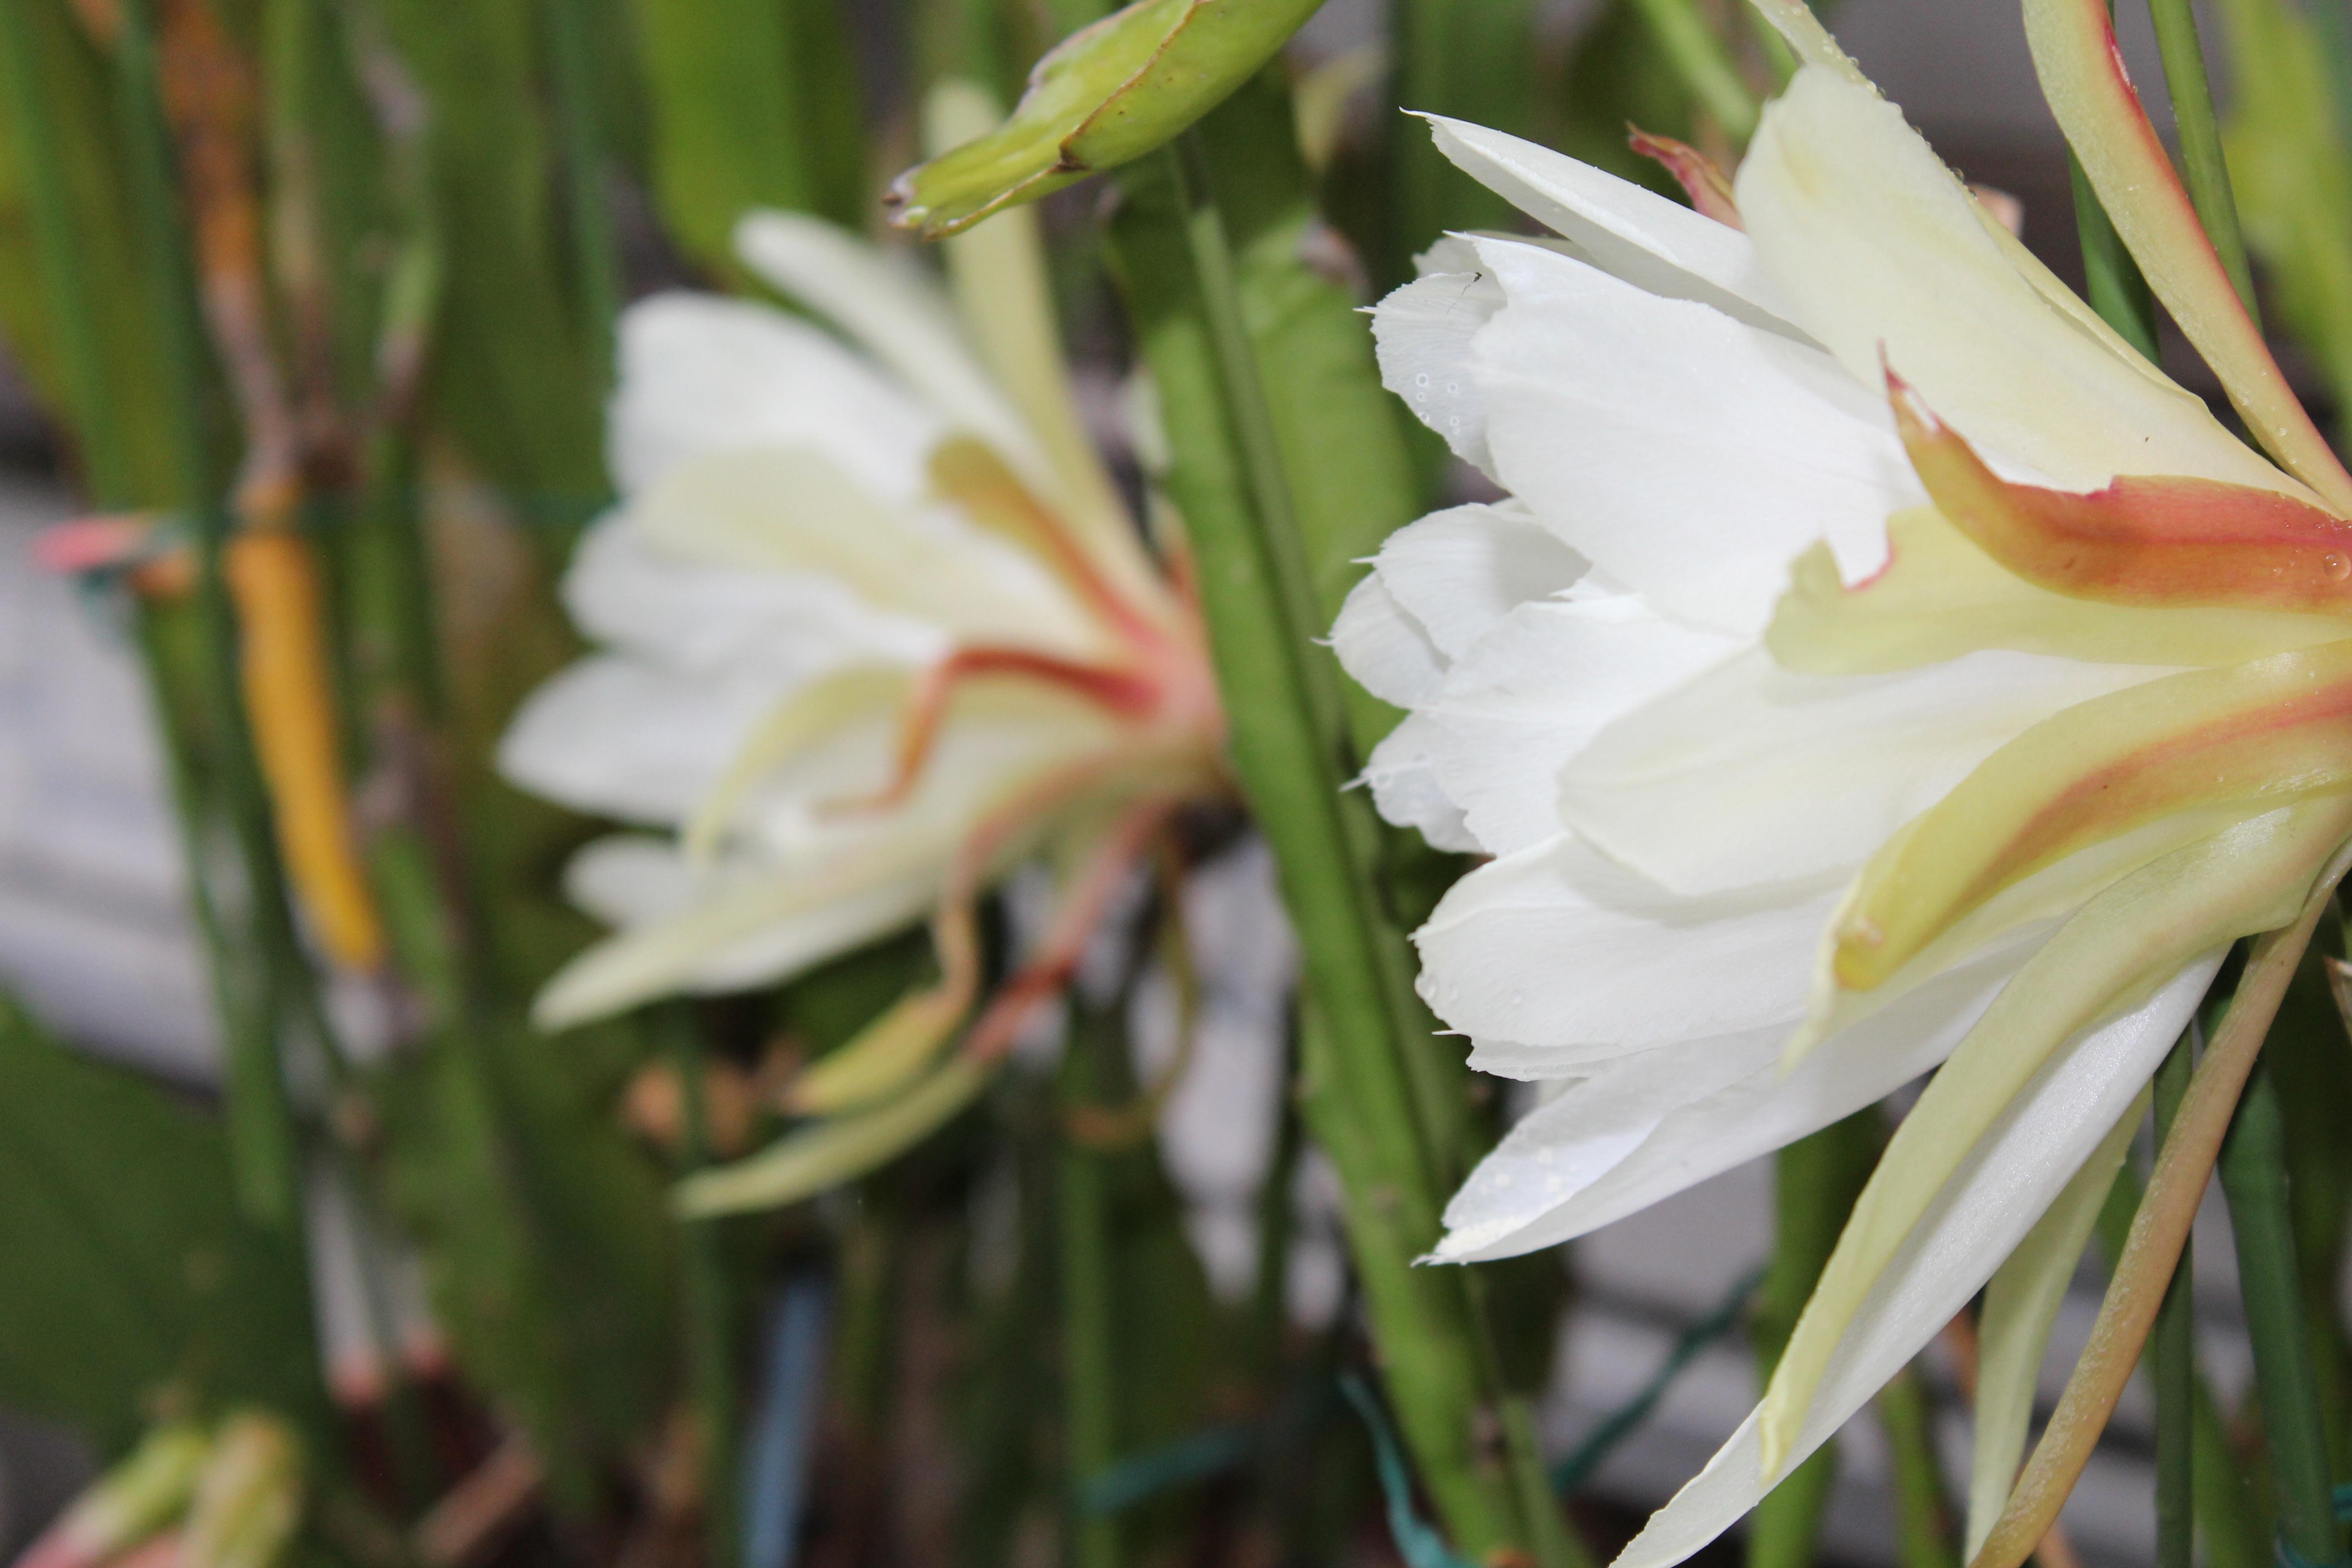 孔雀仙人掌(くじゃくさぼてん)の豪華絢爛な花が咲いていました。